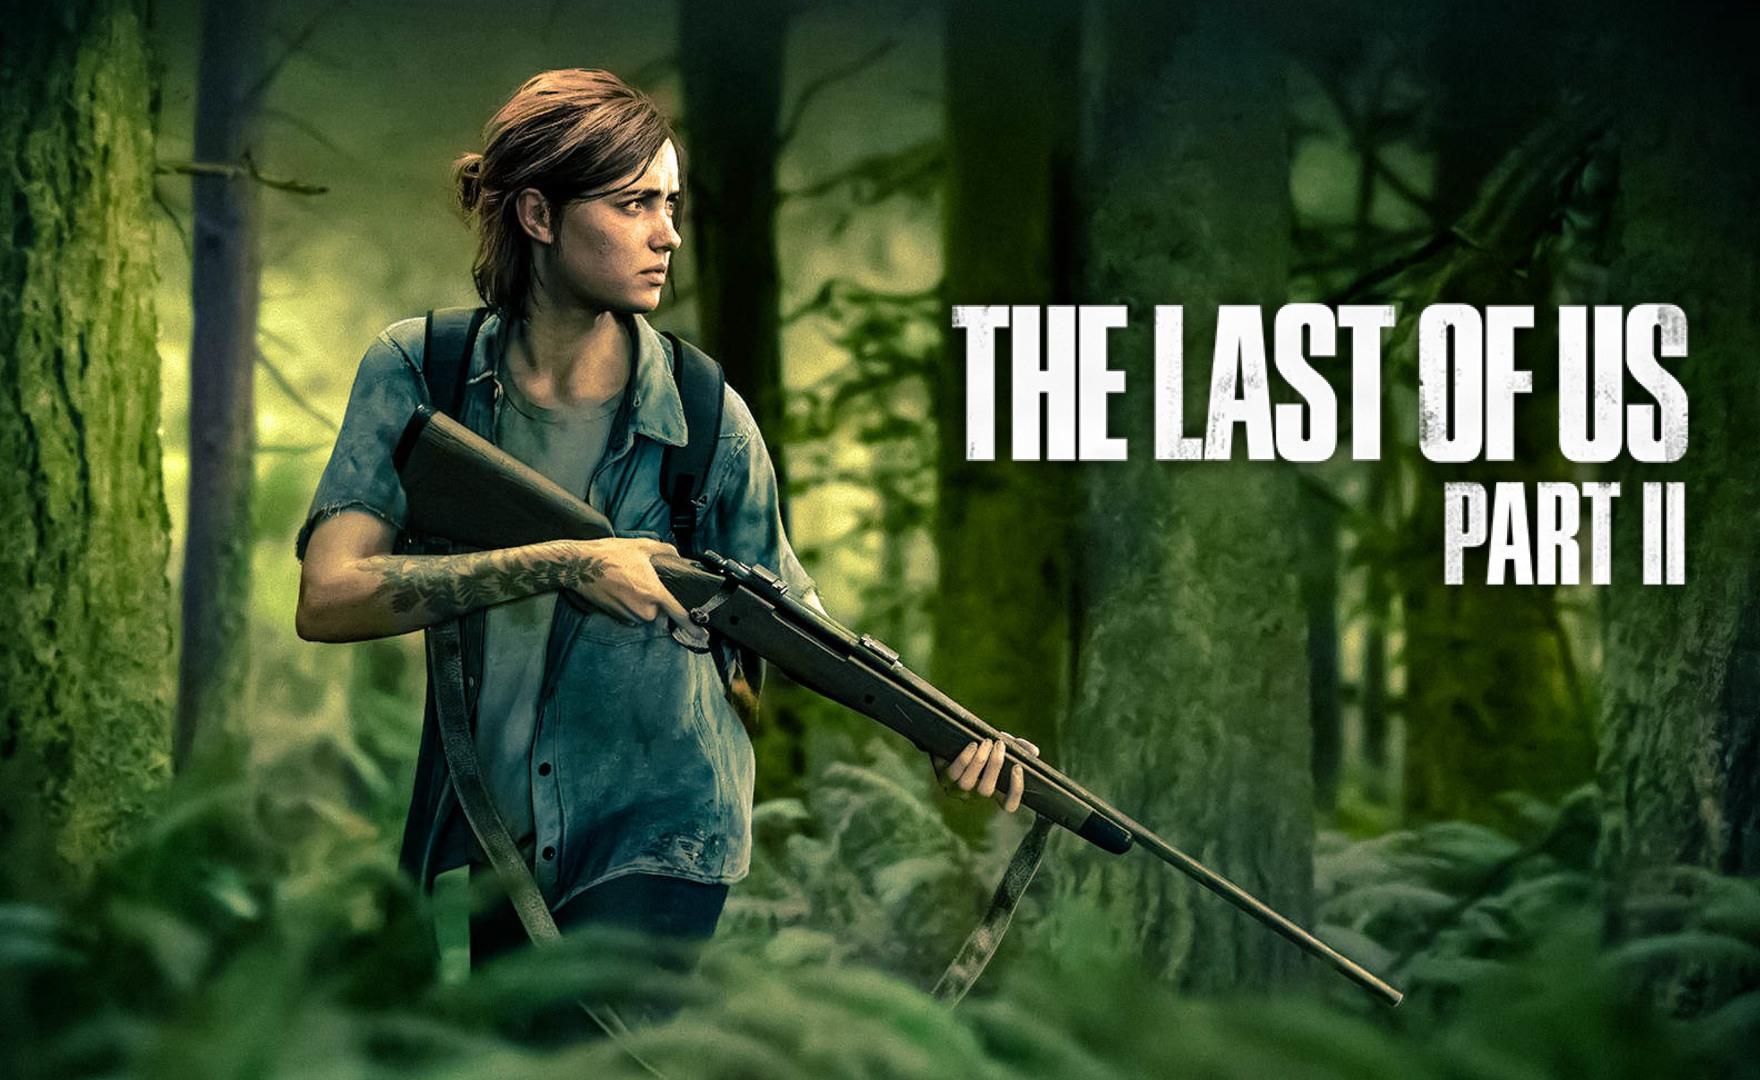 The Last of Us Parte 2 è ancora l'esperienza più intensa che abbia mai vissuto